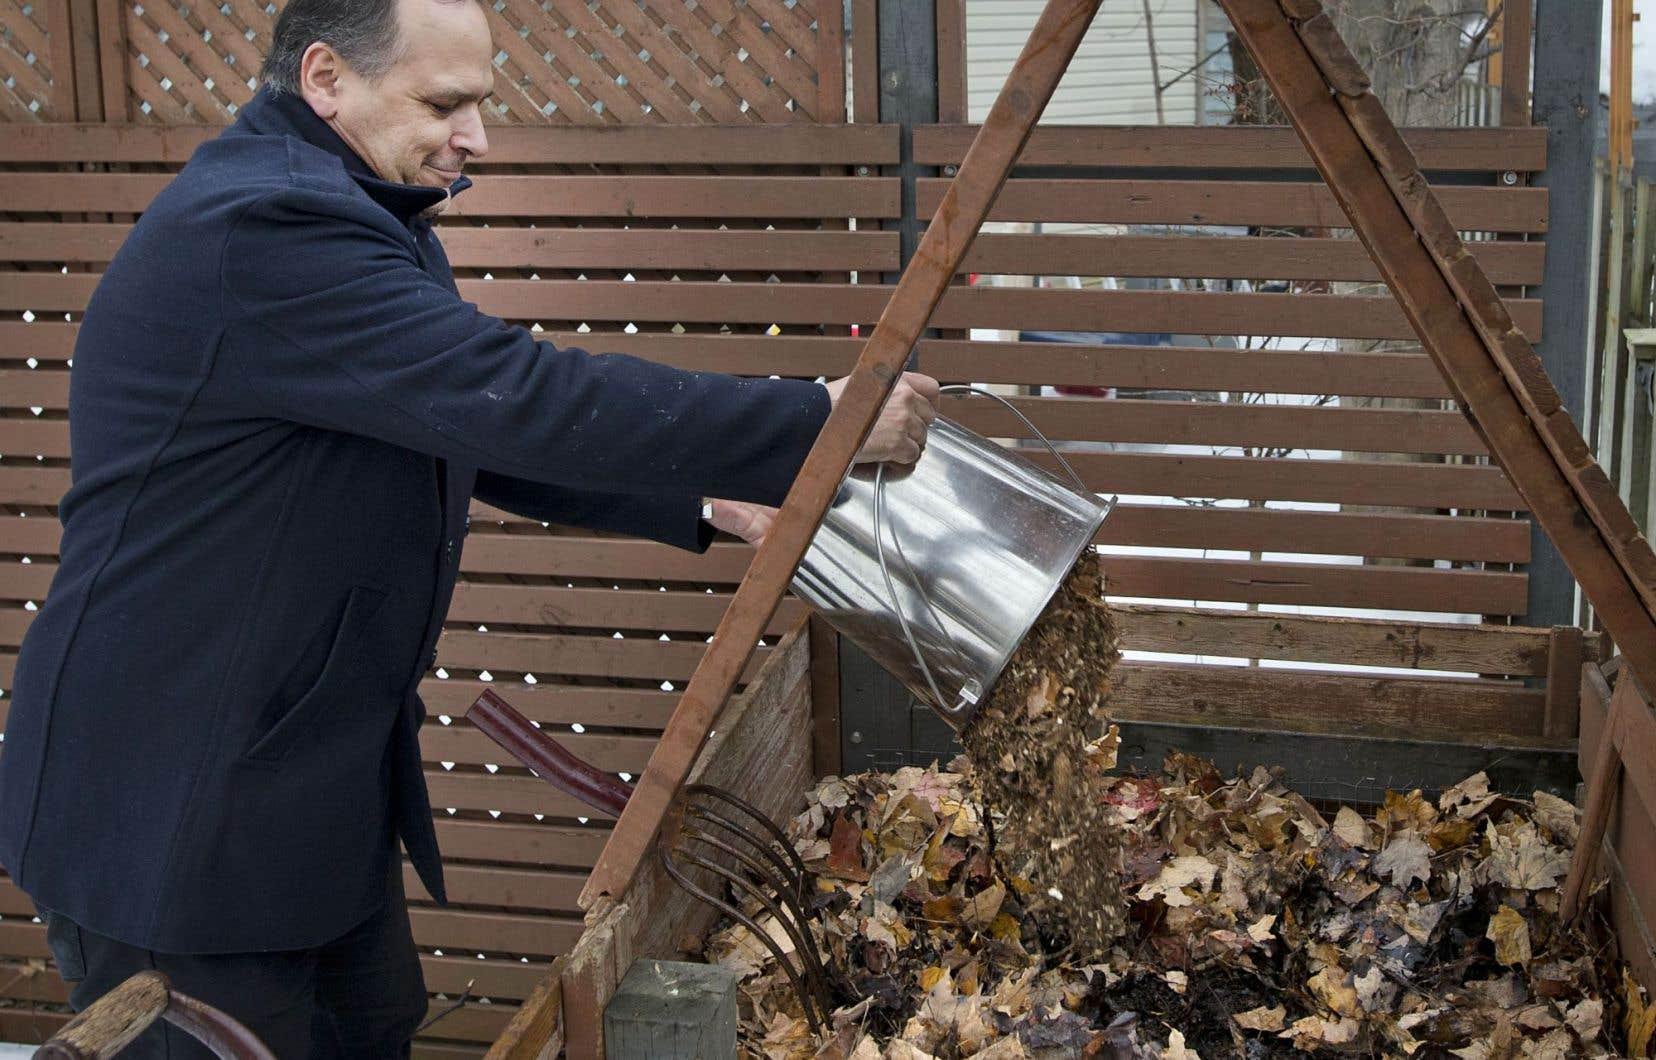 Vivre à Montréal n'a pas empêché André Leguerrier de composter ses déjections dans son jardin.